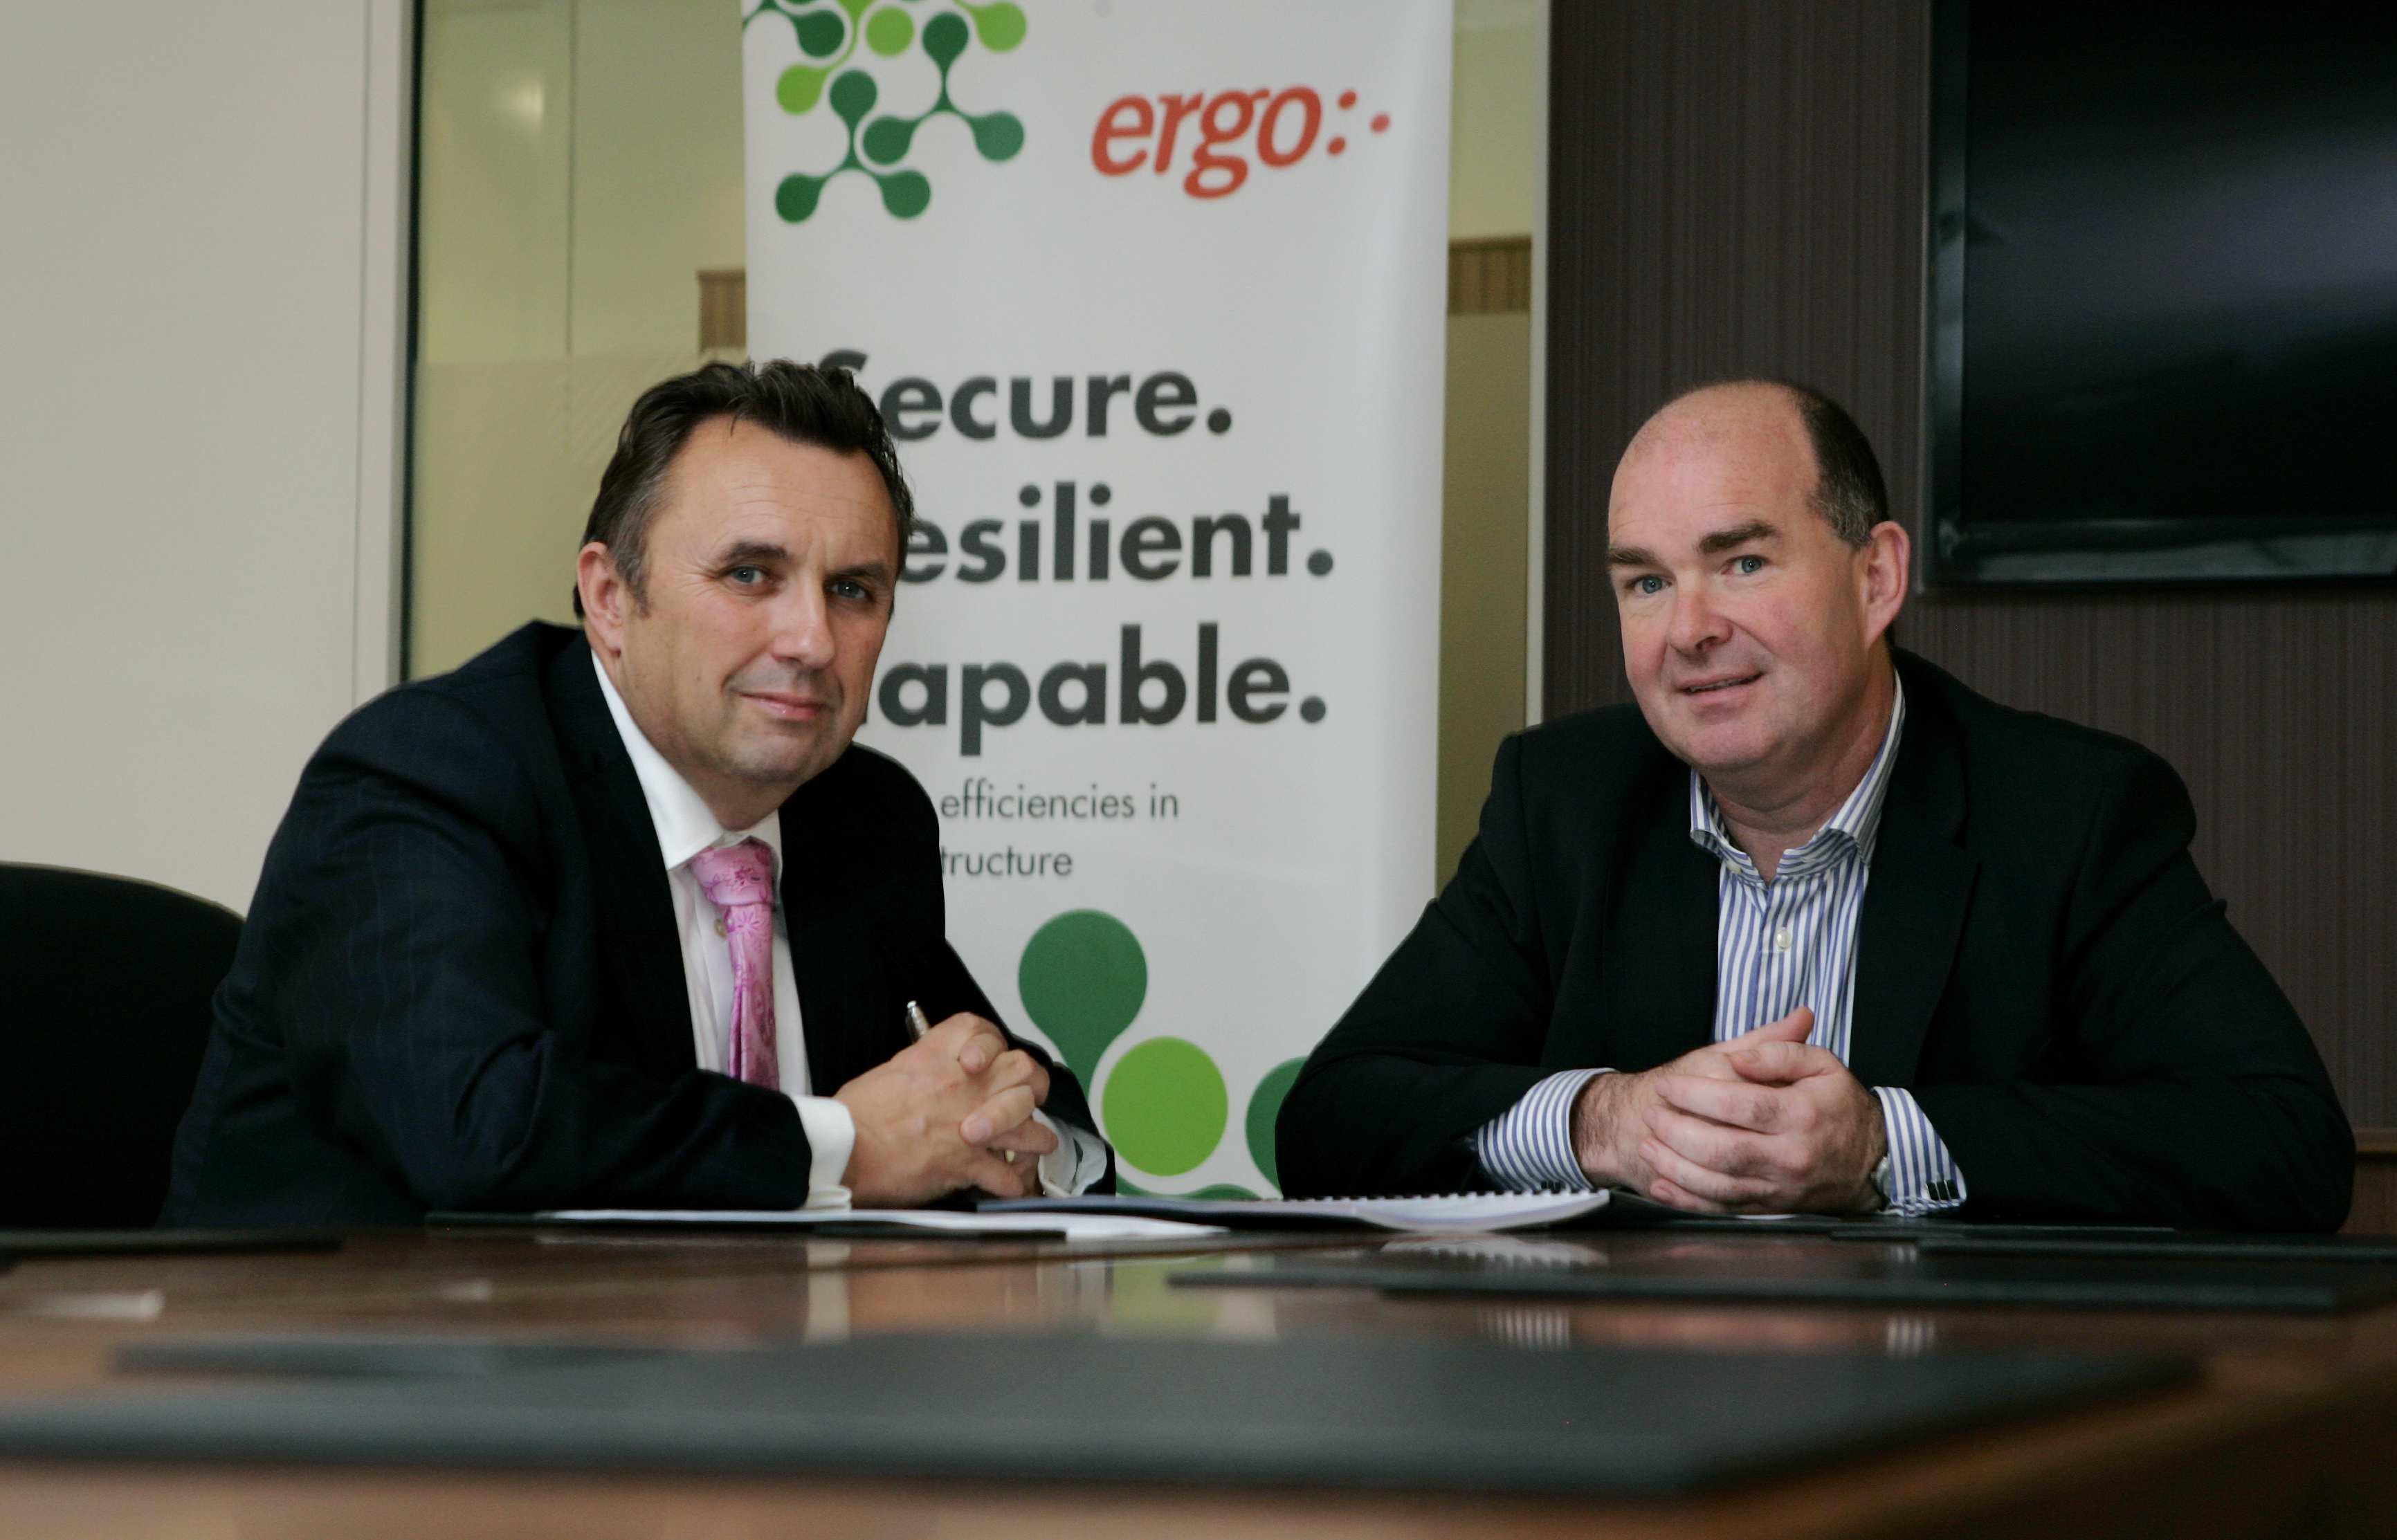 Ergo Acquires CDSoft